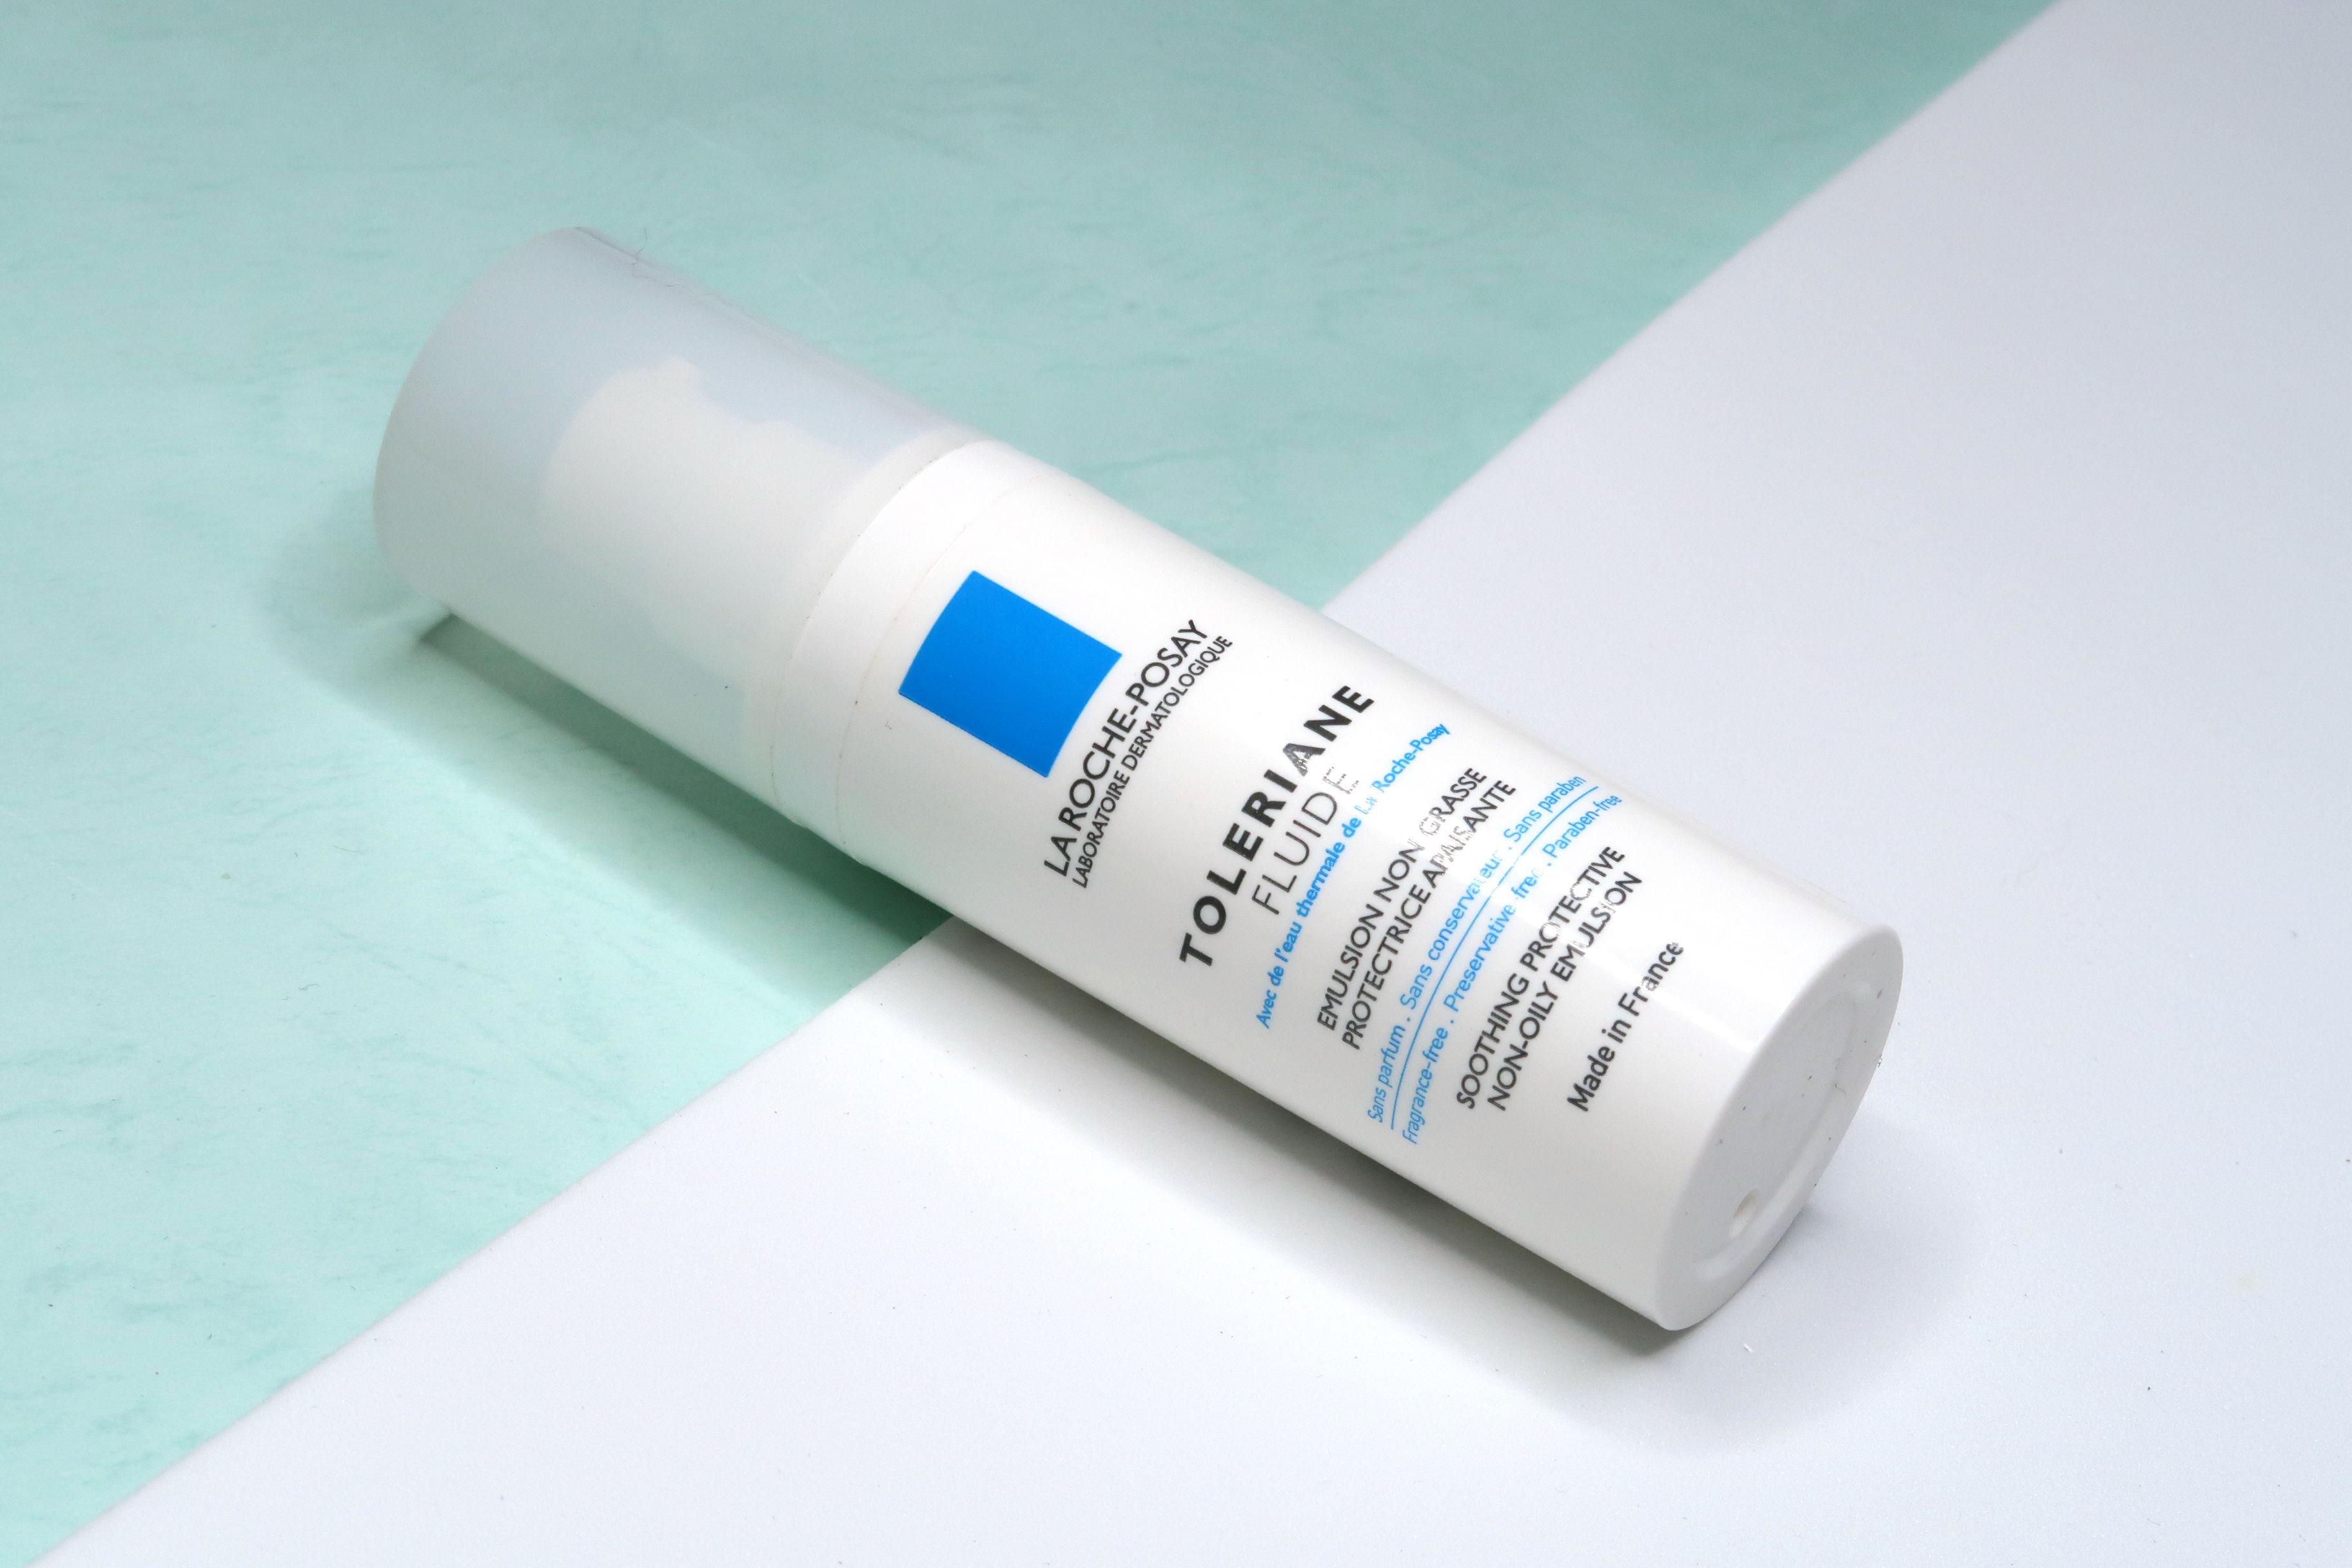 IMG_7_理膚寶水 多容安舒緩濕潤乳液 使用心得.JPG